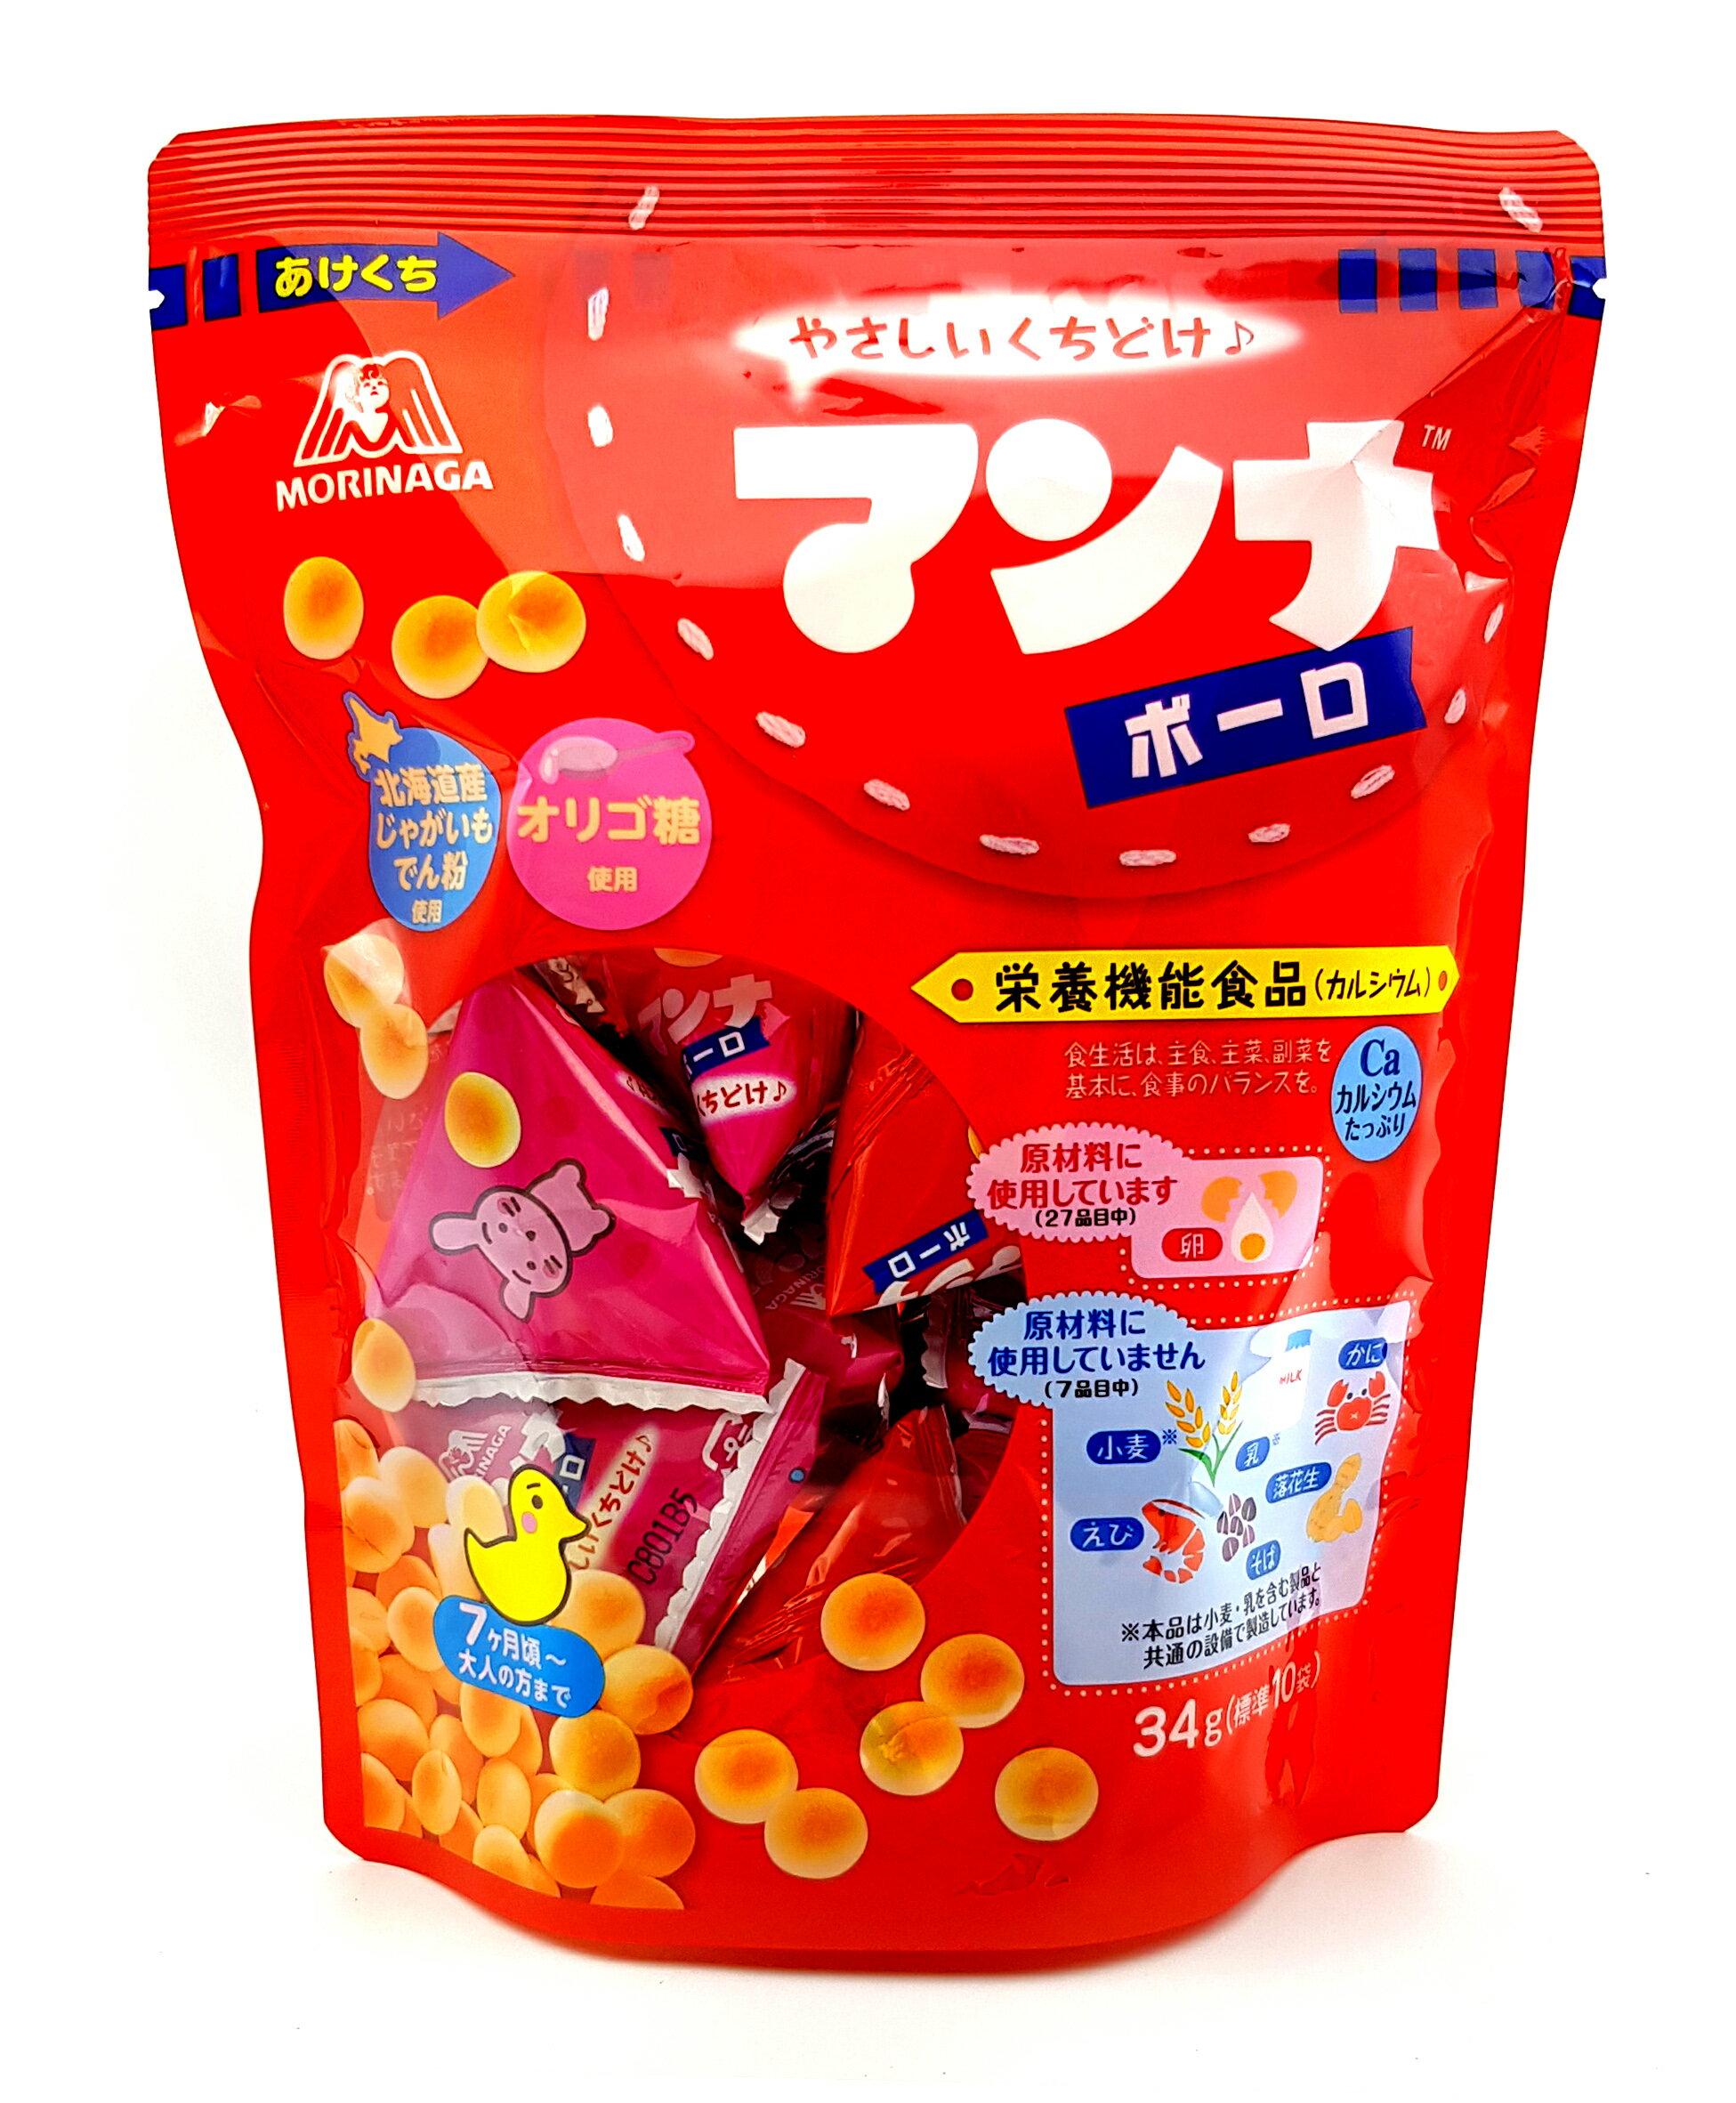 《Chara 微百貨》日本 森永 寶寶 幼兒 嬰兒 營養 點心 威化酥 蛋酥 小饅頭 餅乾 七個月以上 副食品 1